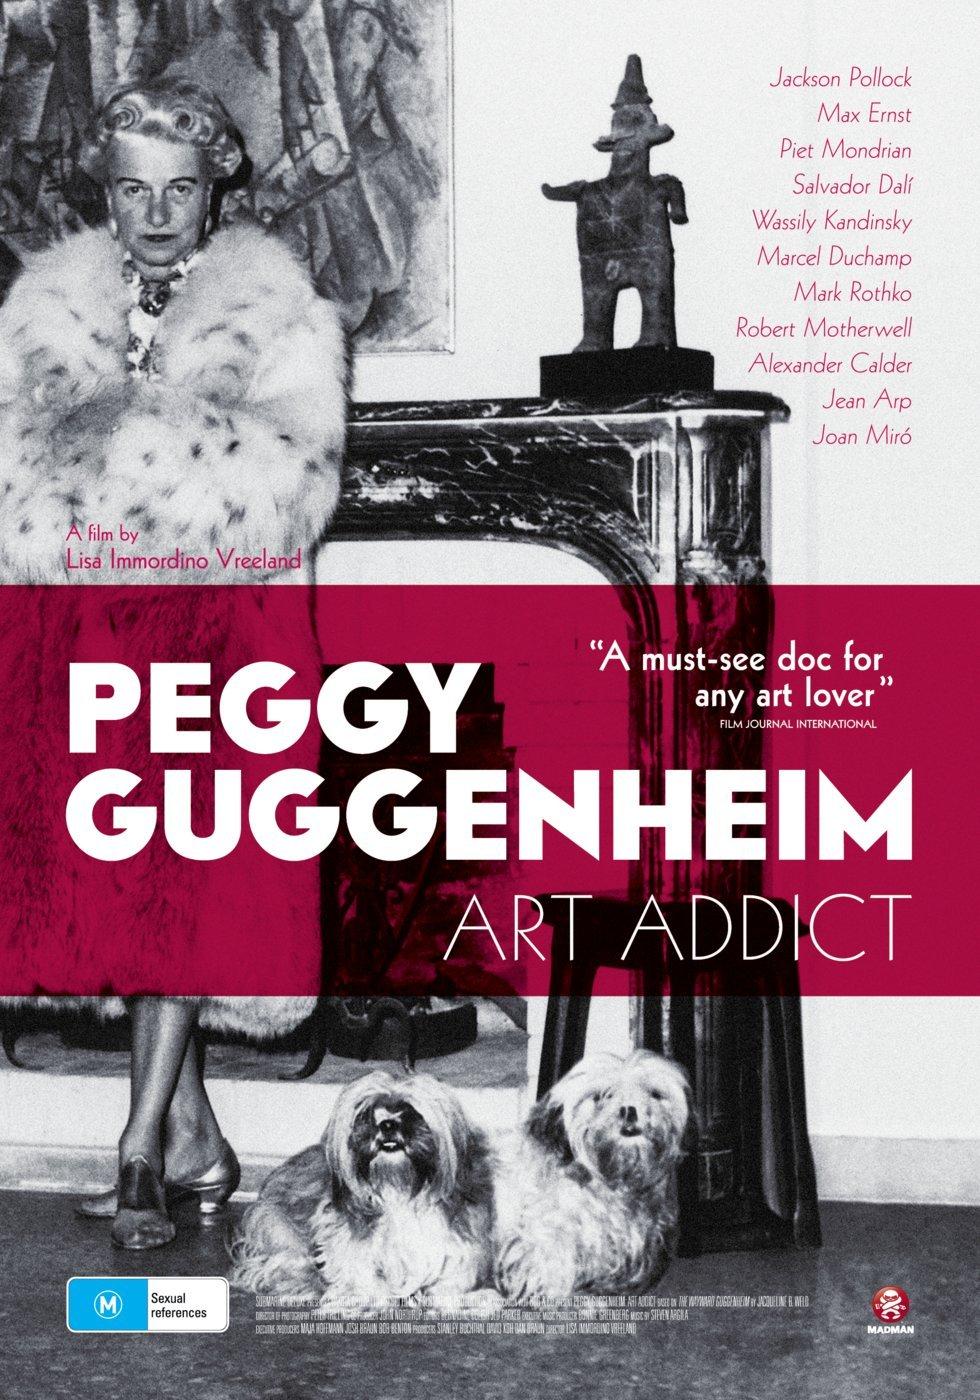 Peggy Guggenheim: Art Addict(2015) - A l'affiche